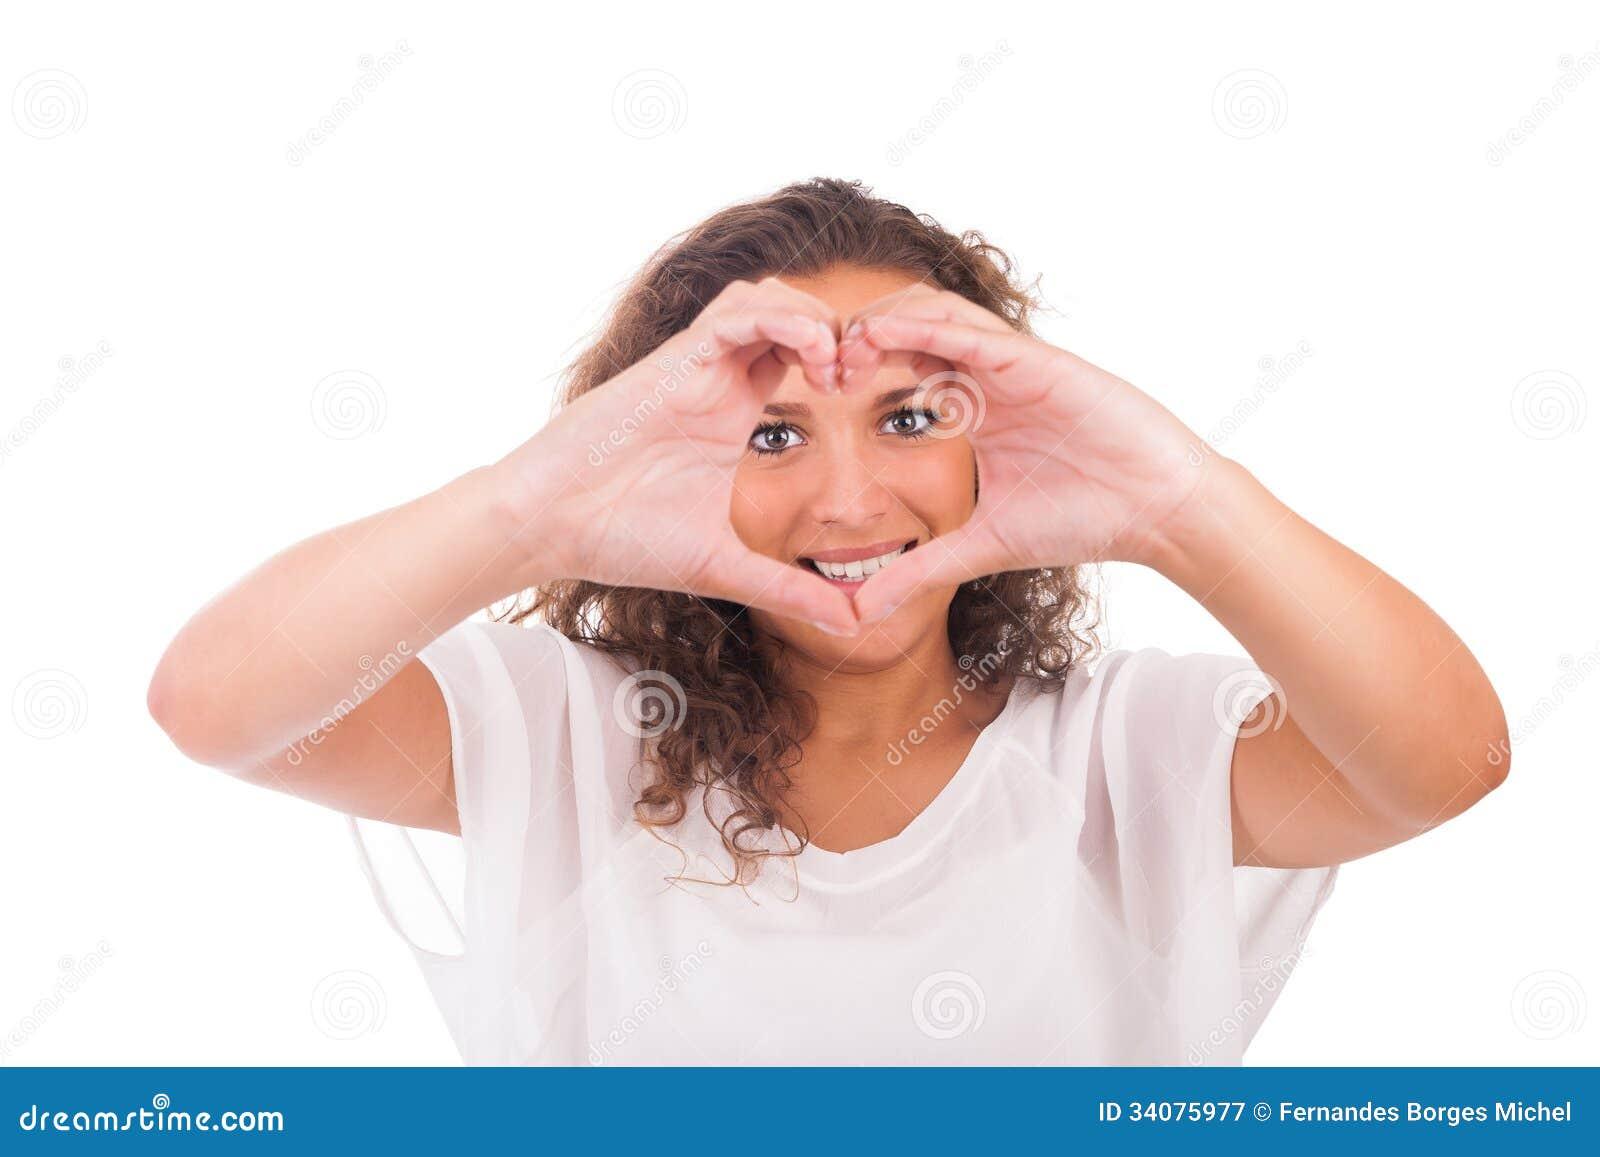 Όμορφη νέα γυναίκα που κατασκευάζει μια καρδιά με τα χέρια